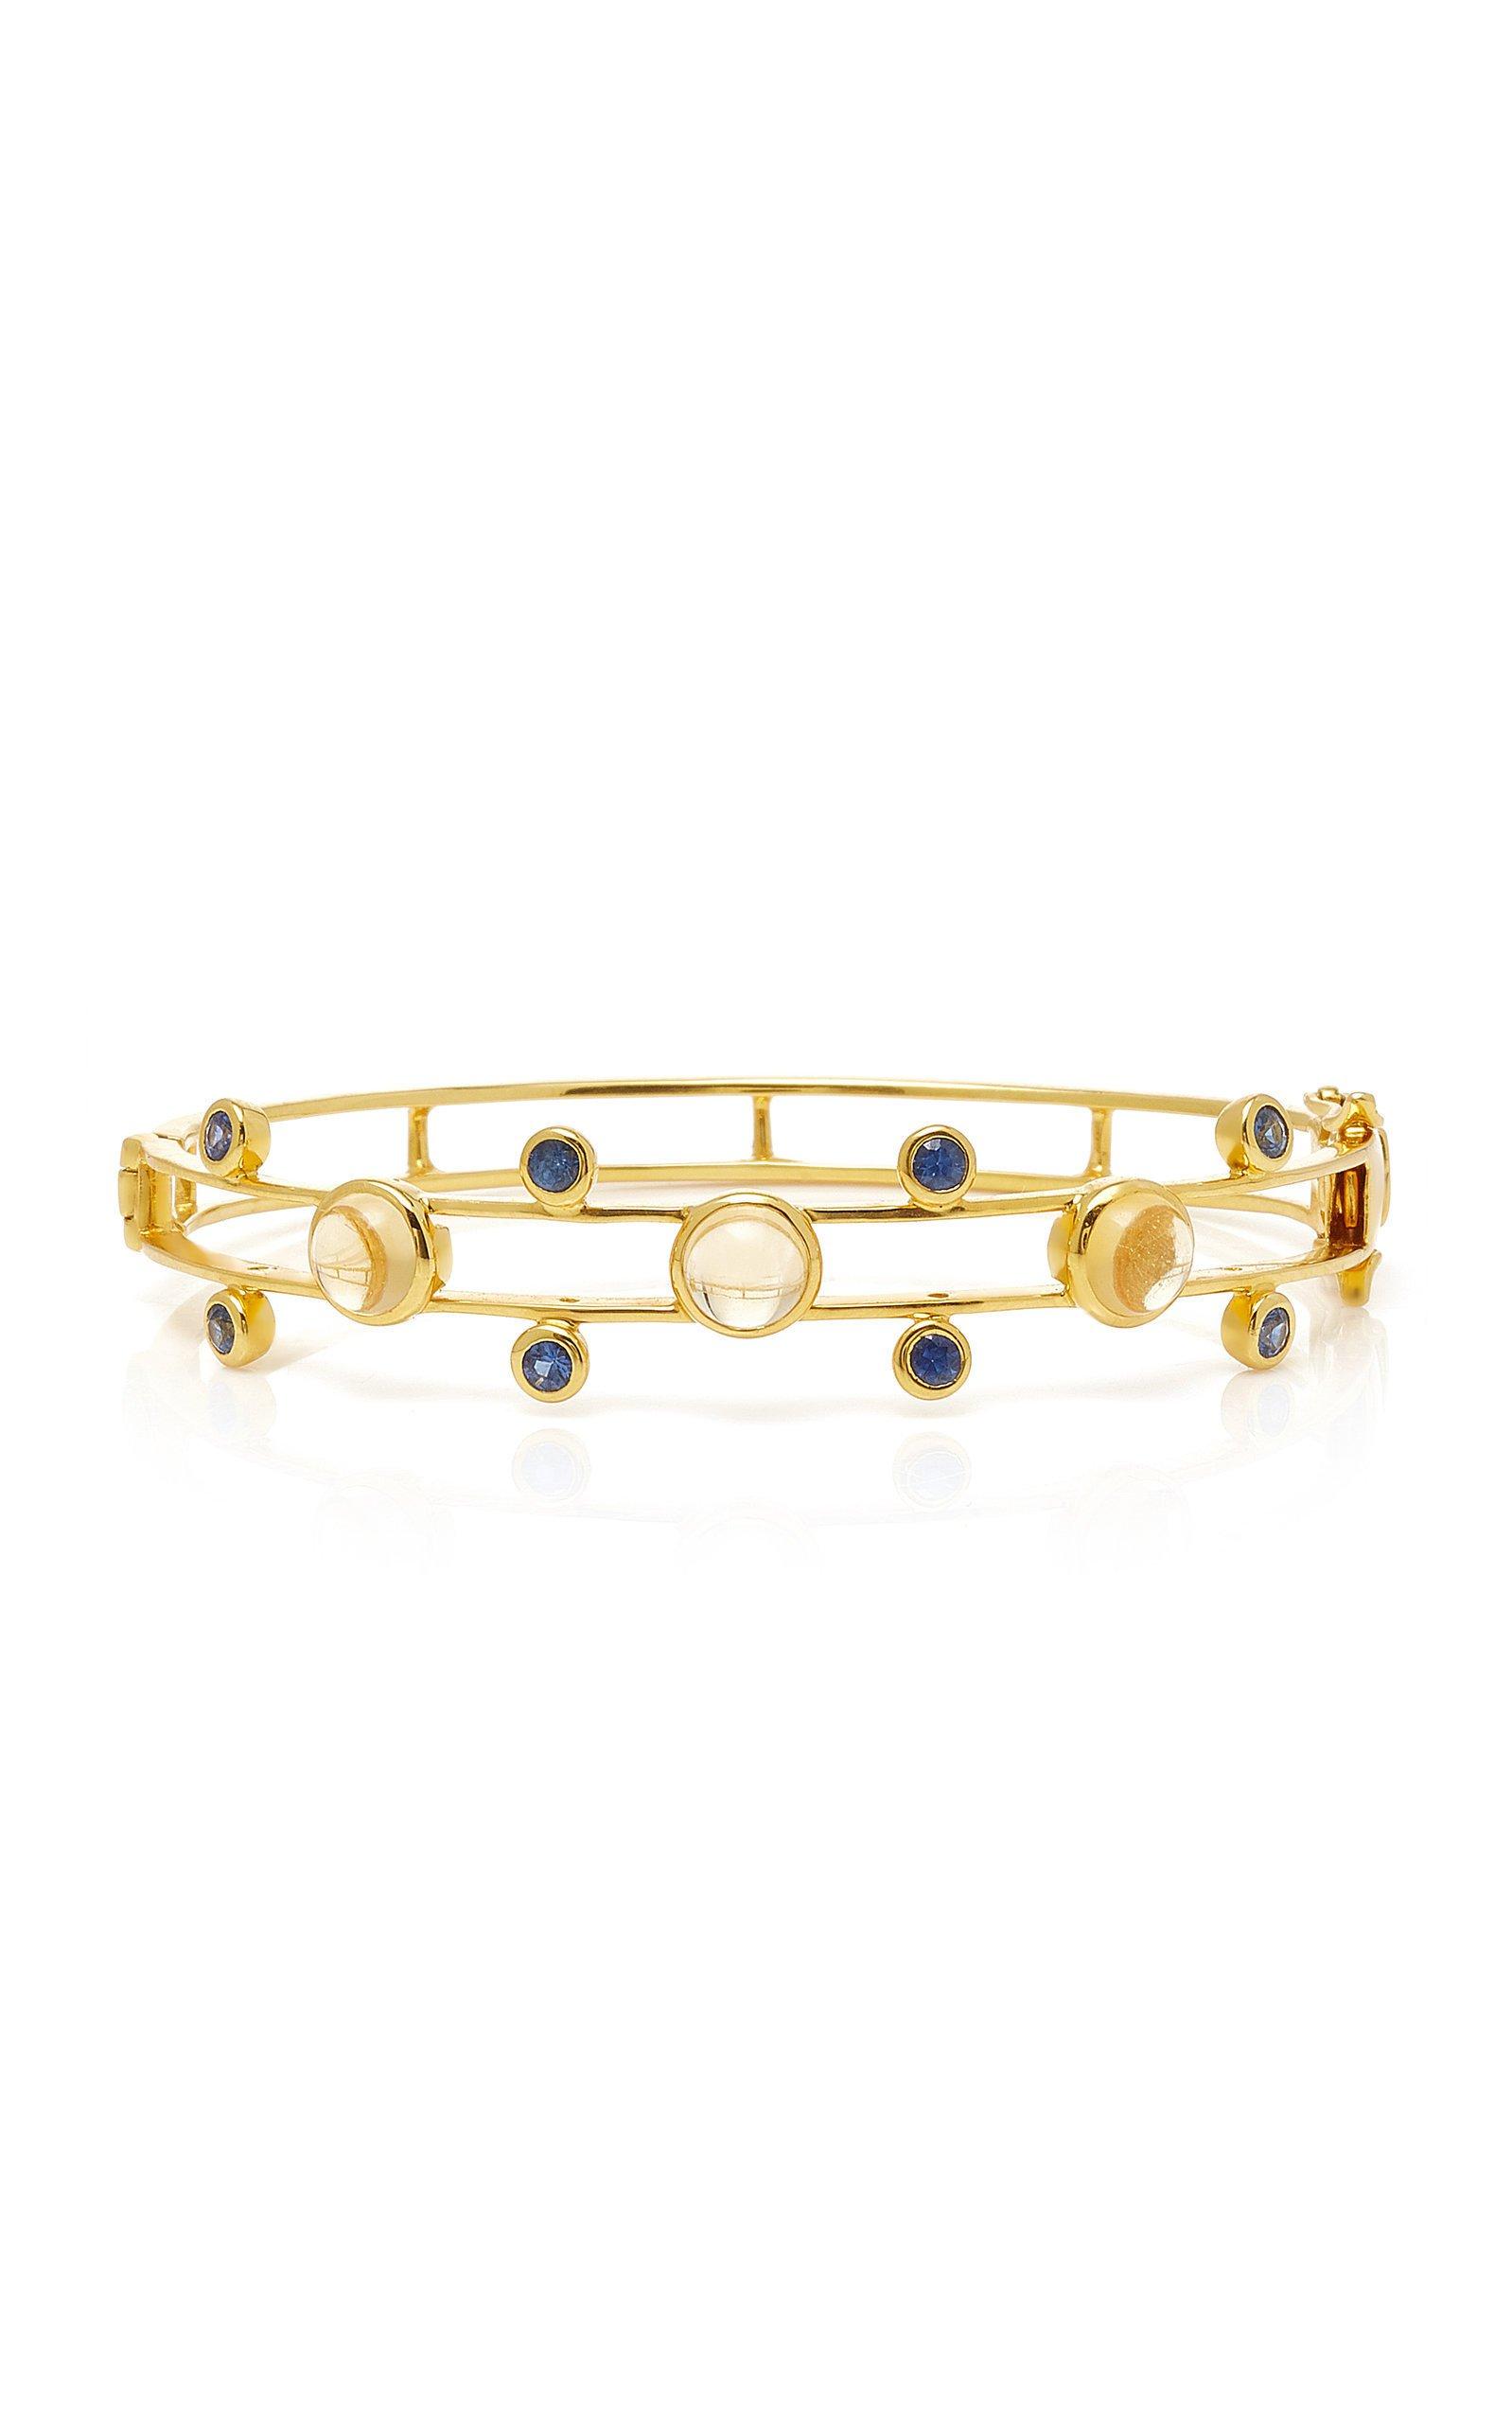 M.Spalten Orbit 18K Gold Citrine And Sapphire Bracelet